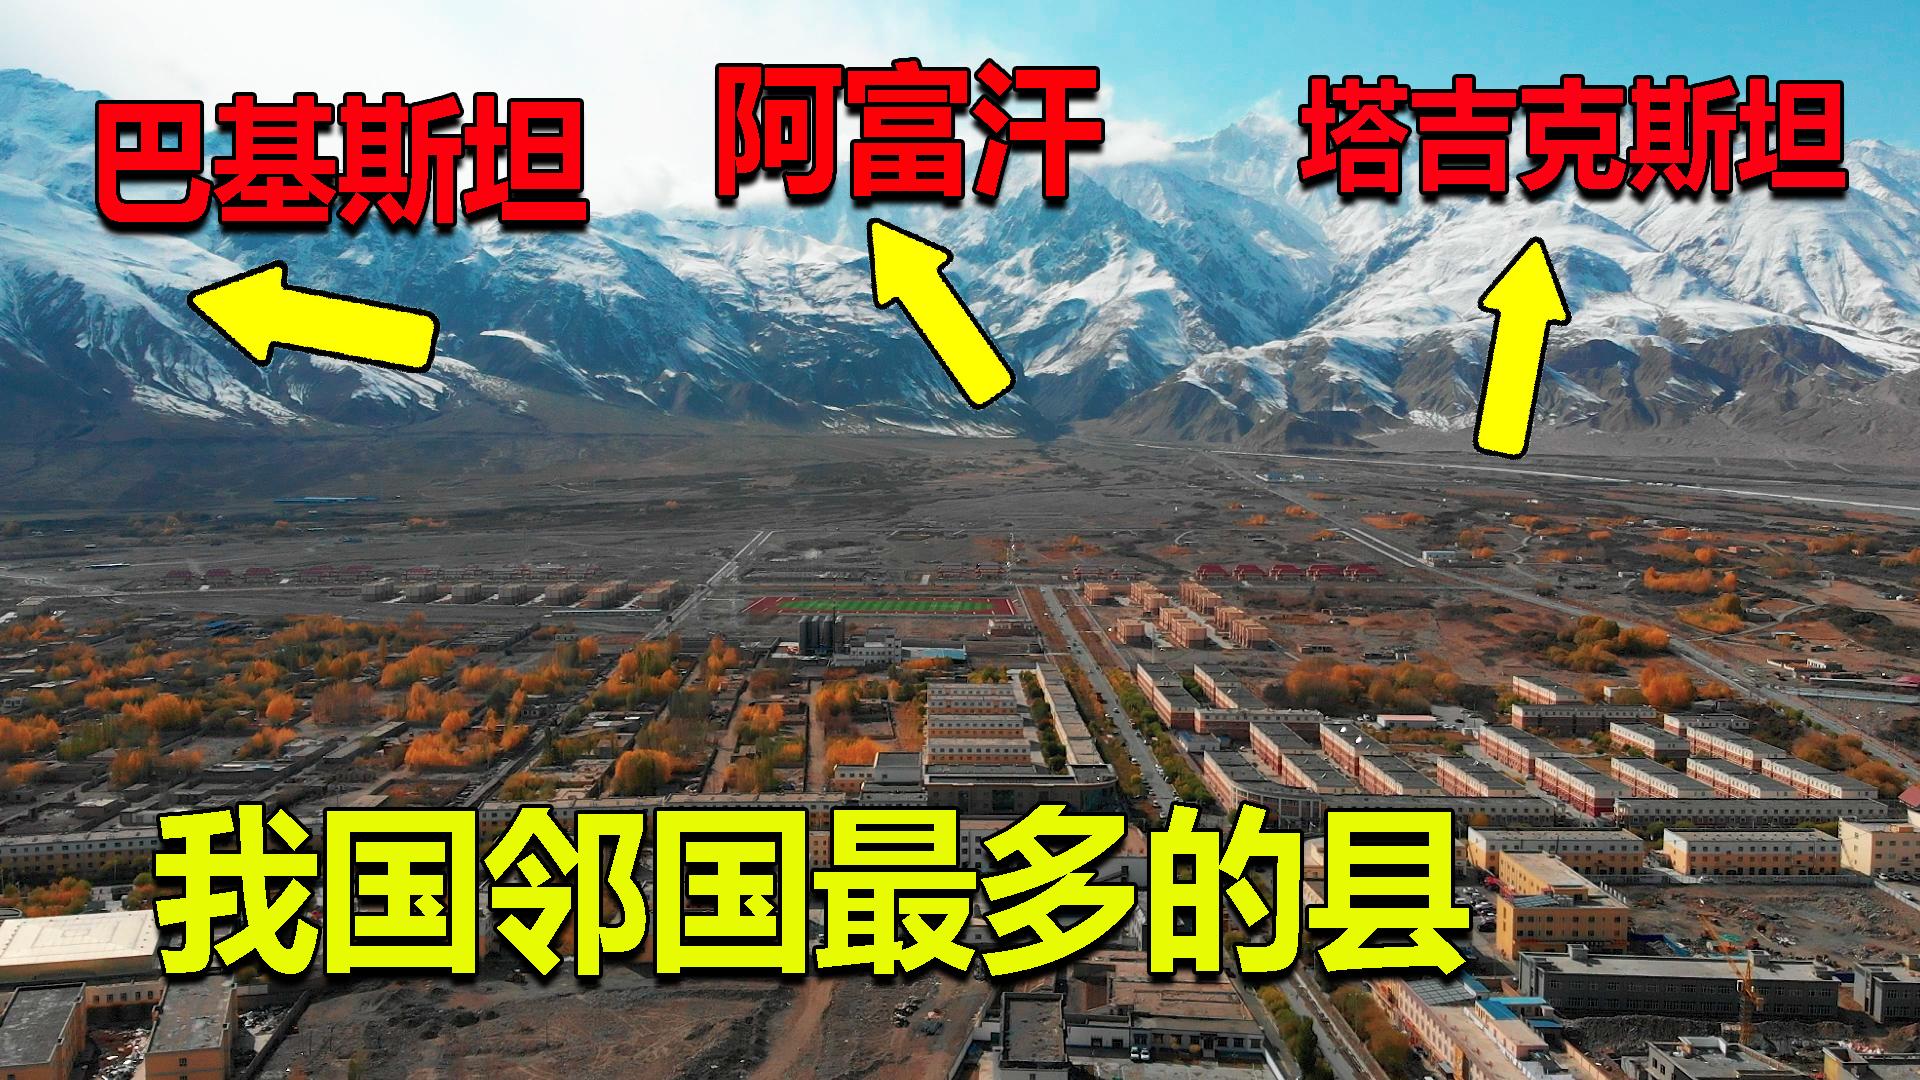 新疆这个县与阿富汗接壤!实拍喀什地区塔县,美女如云却鲜有人知